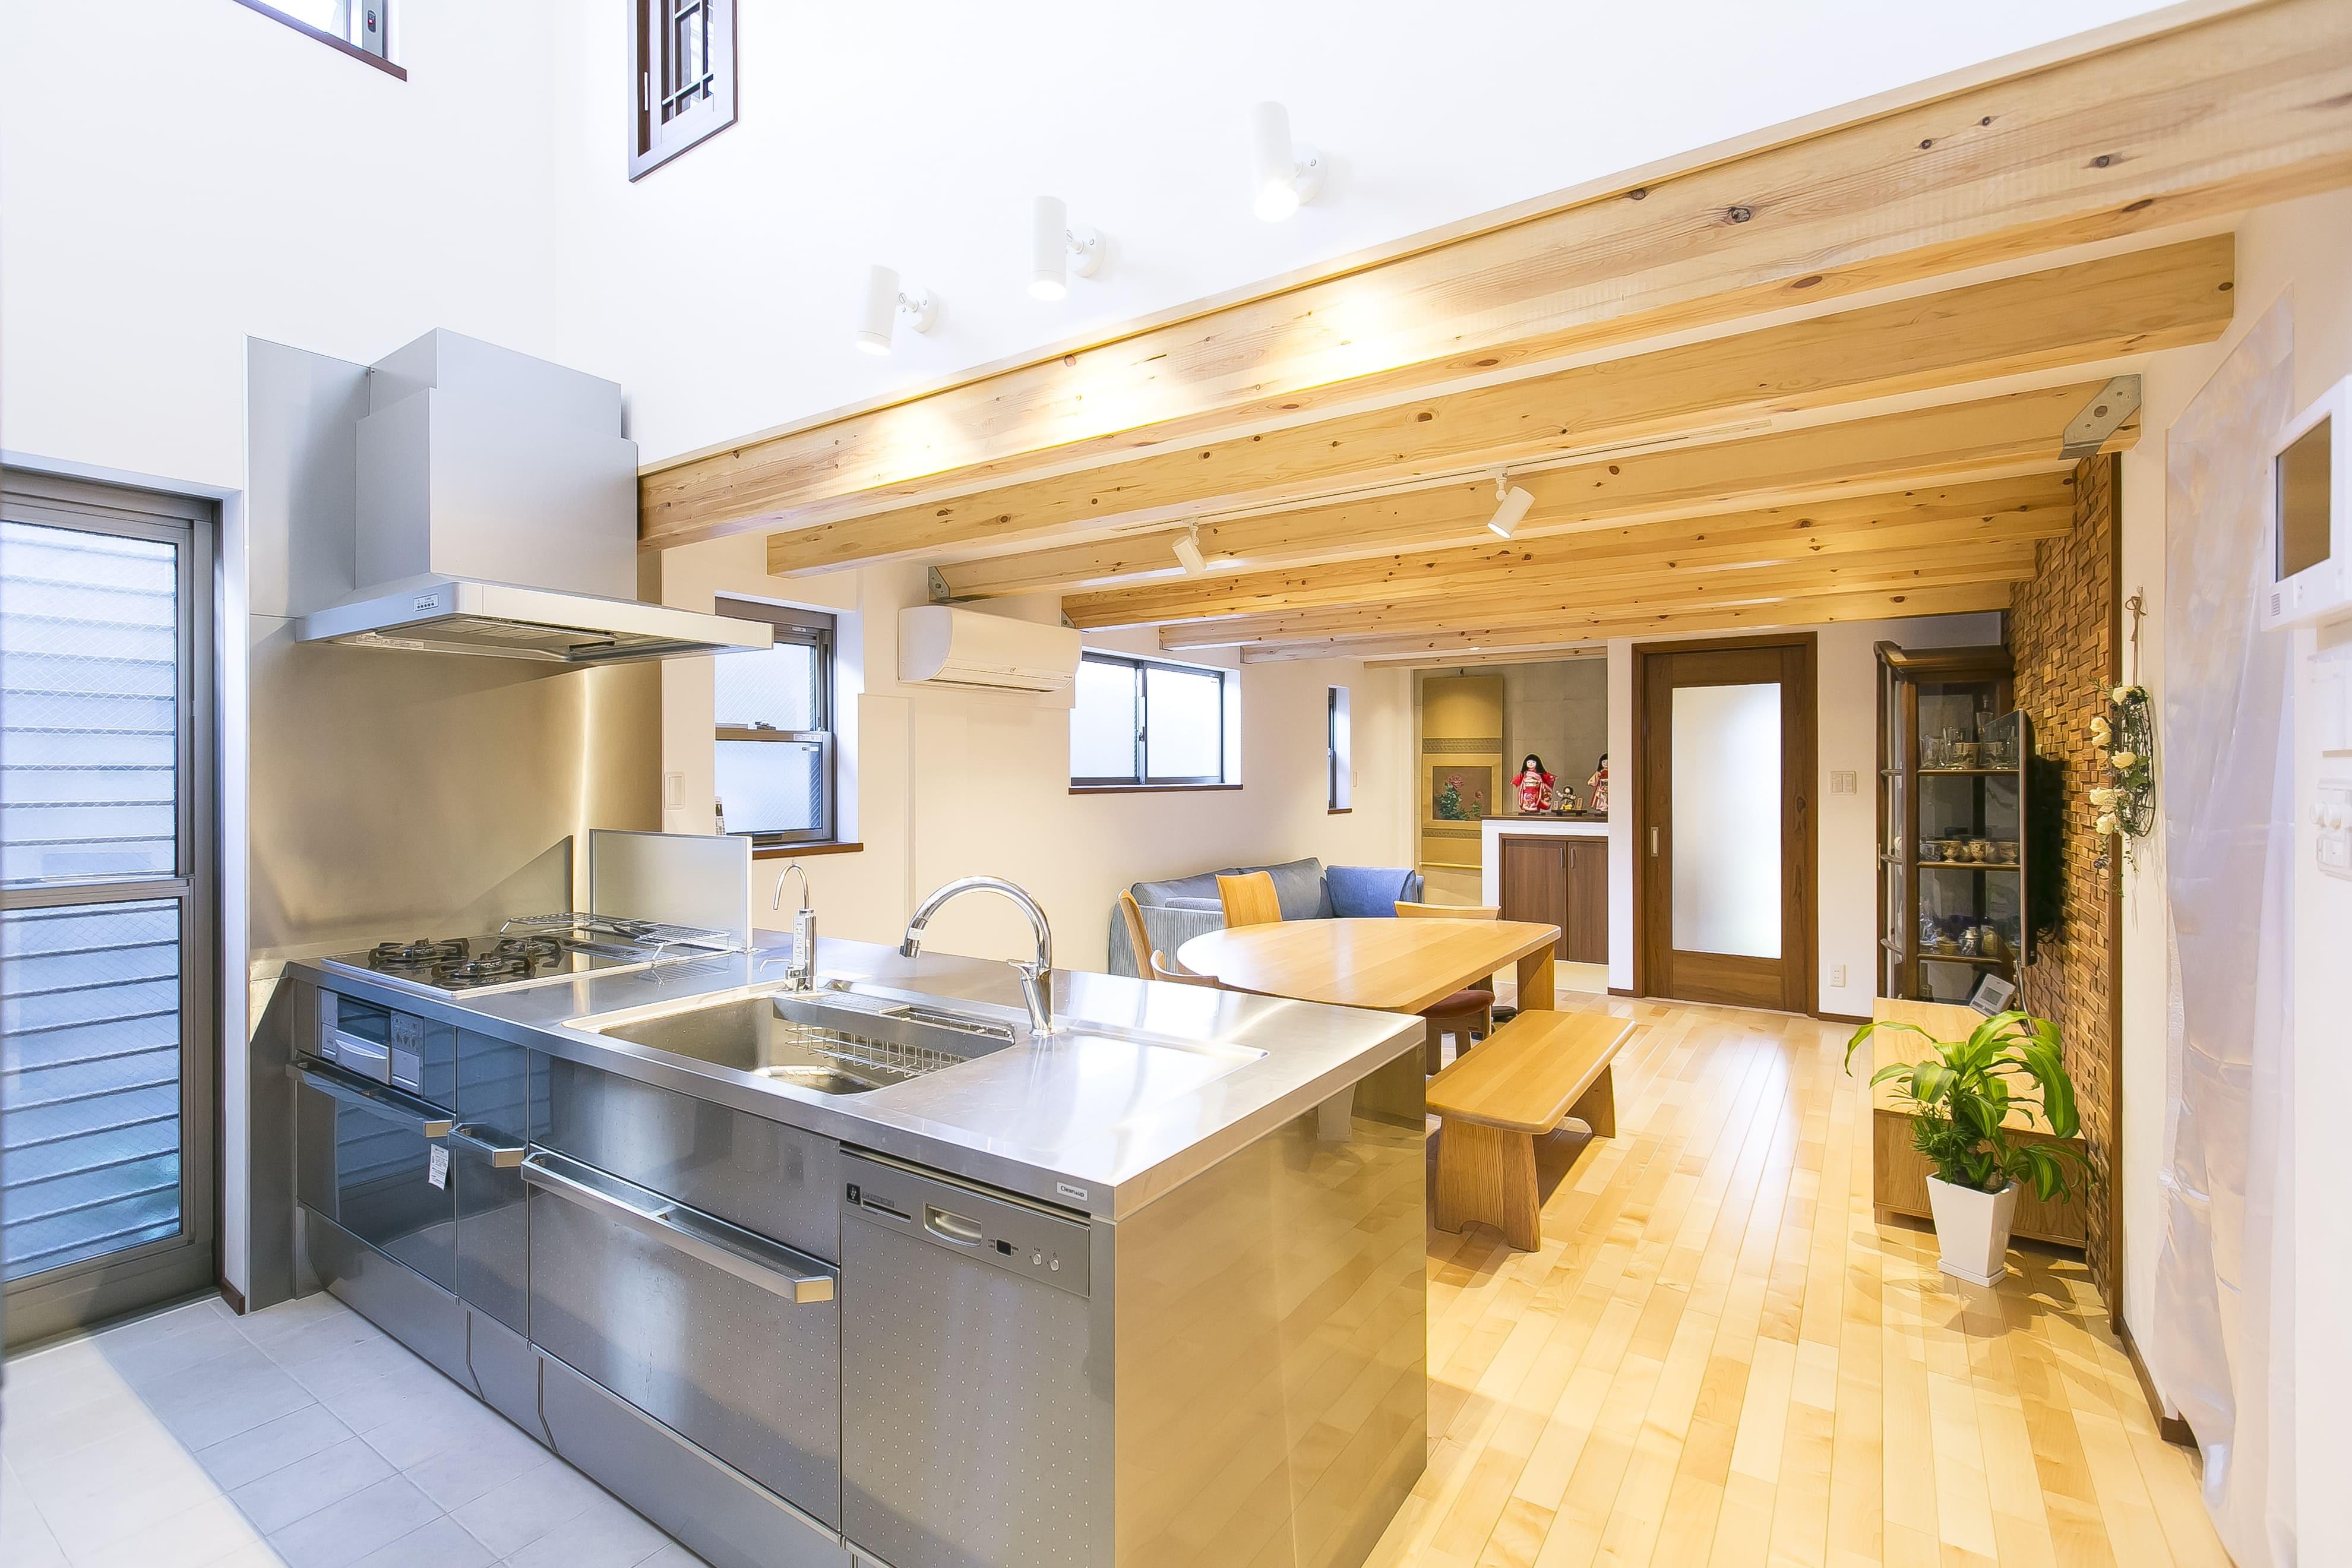 キッチン事例:LDを見渡せるキッチン(家族が集まる広々としたLDKを中心に、居心地と家事効率を両立させた住まい。)